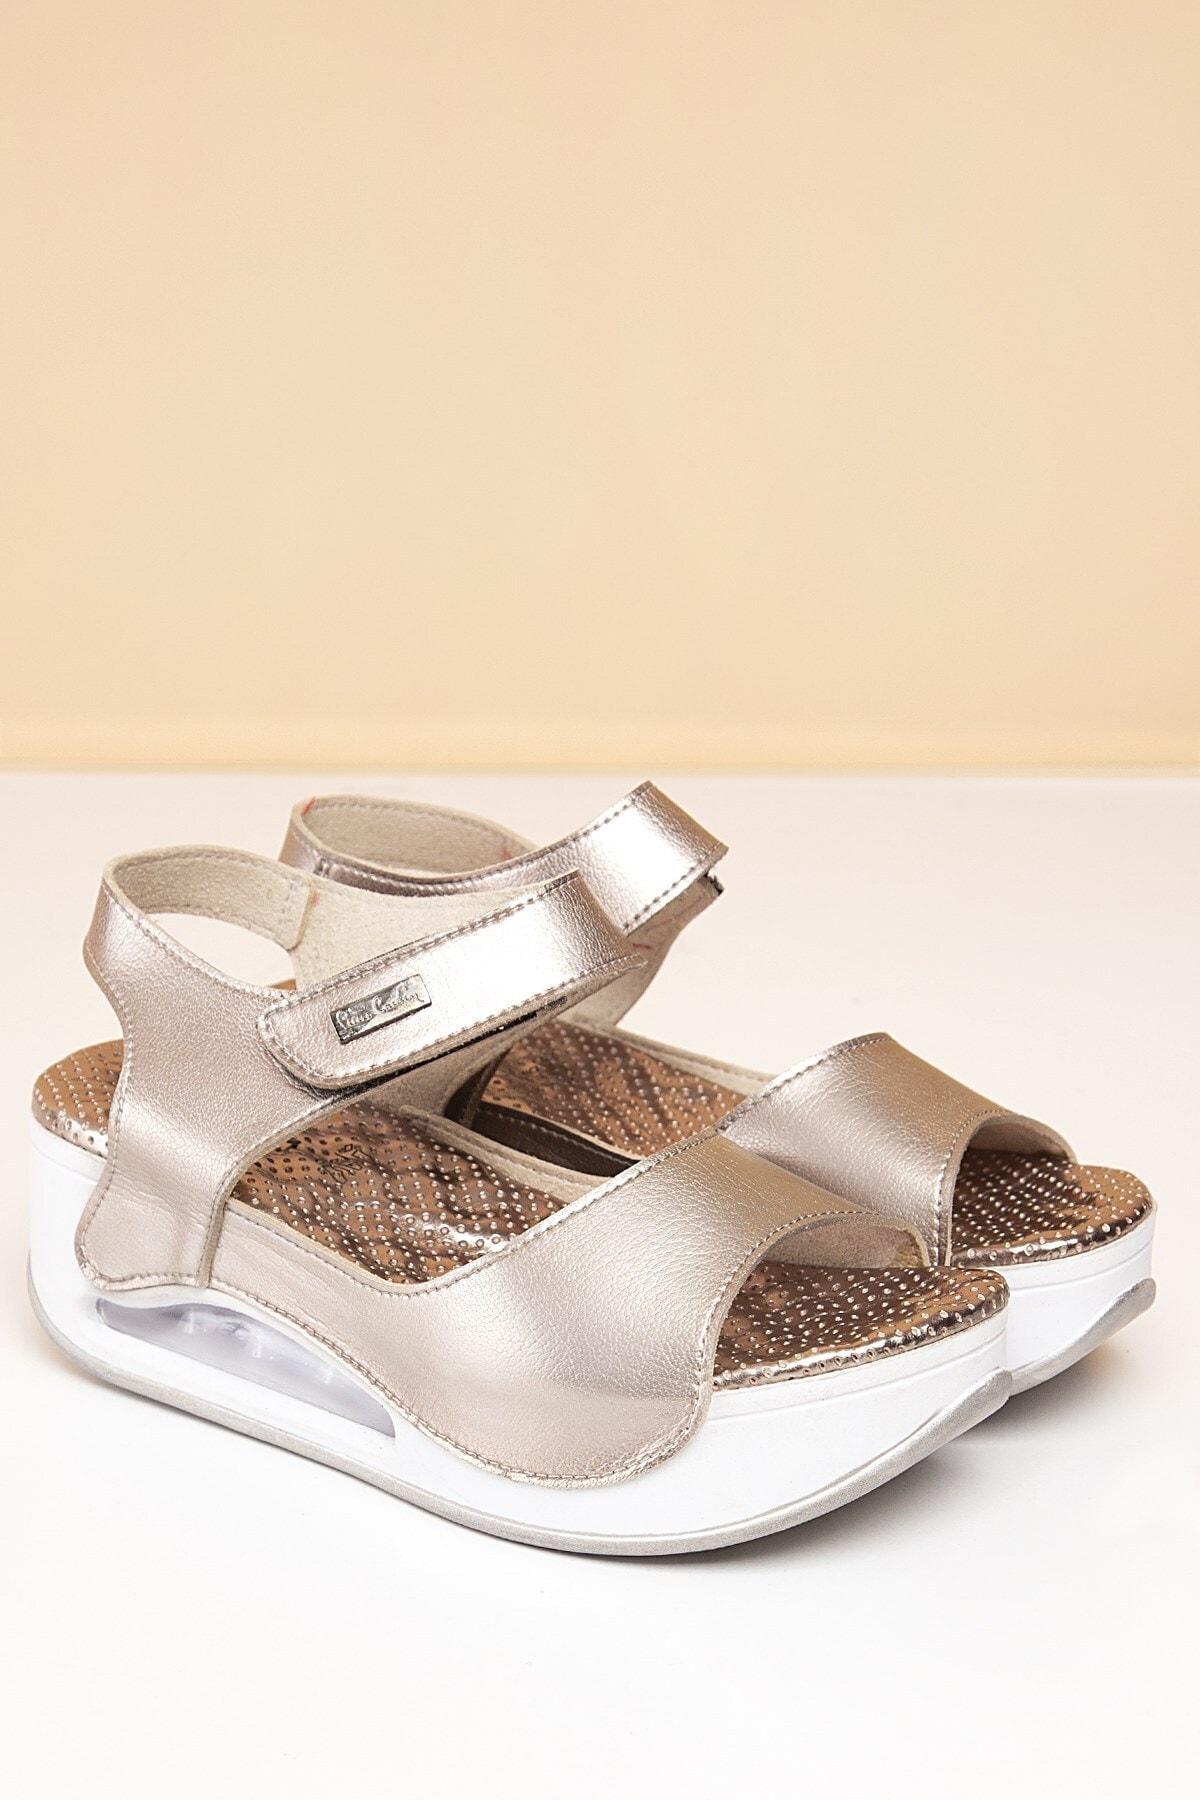 Pierre Cardin Kadın Sandalet 1